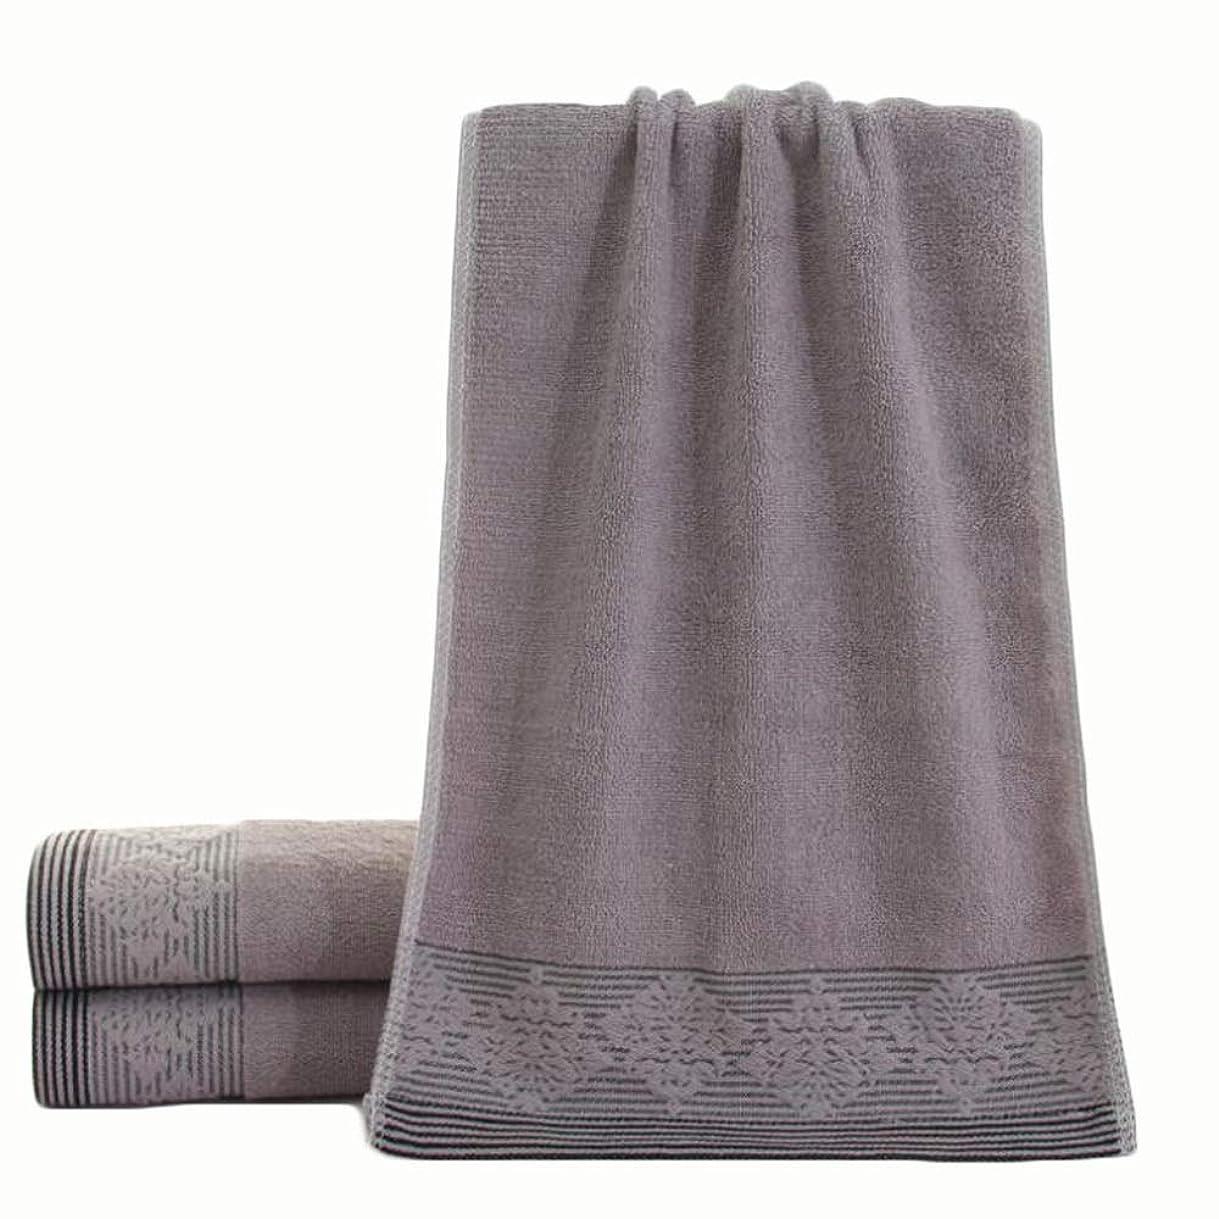 ピアノを弾くスイッチ鉄道CXUNKK 2PCS / LOT家庭用綿吸収性柔らかいタオル (Color : Purple)